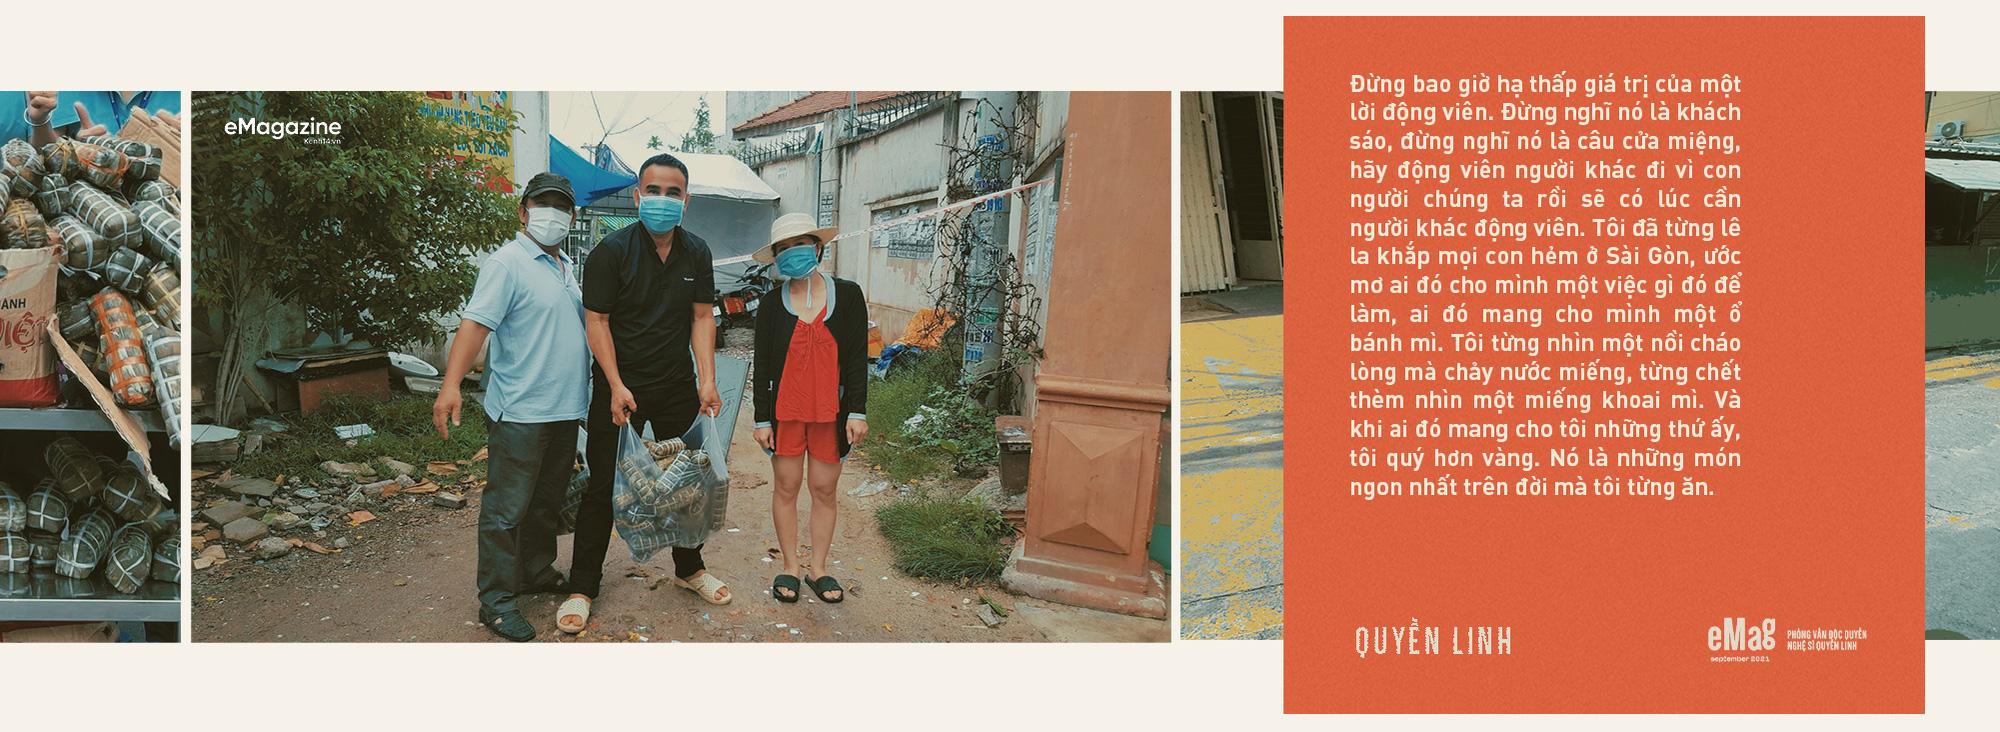 Quyền Linh: Sài Gòn đã cho tôi quá nhiều, giờ khi thành phố bị ốm, sao mình đành lòng ở trong nhà mà hưởng thụ - Ảnh 21.